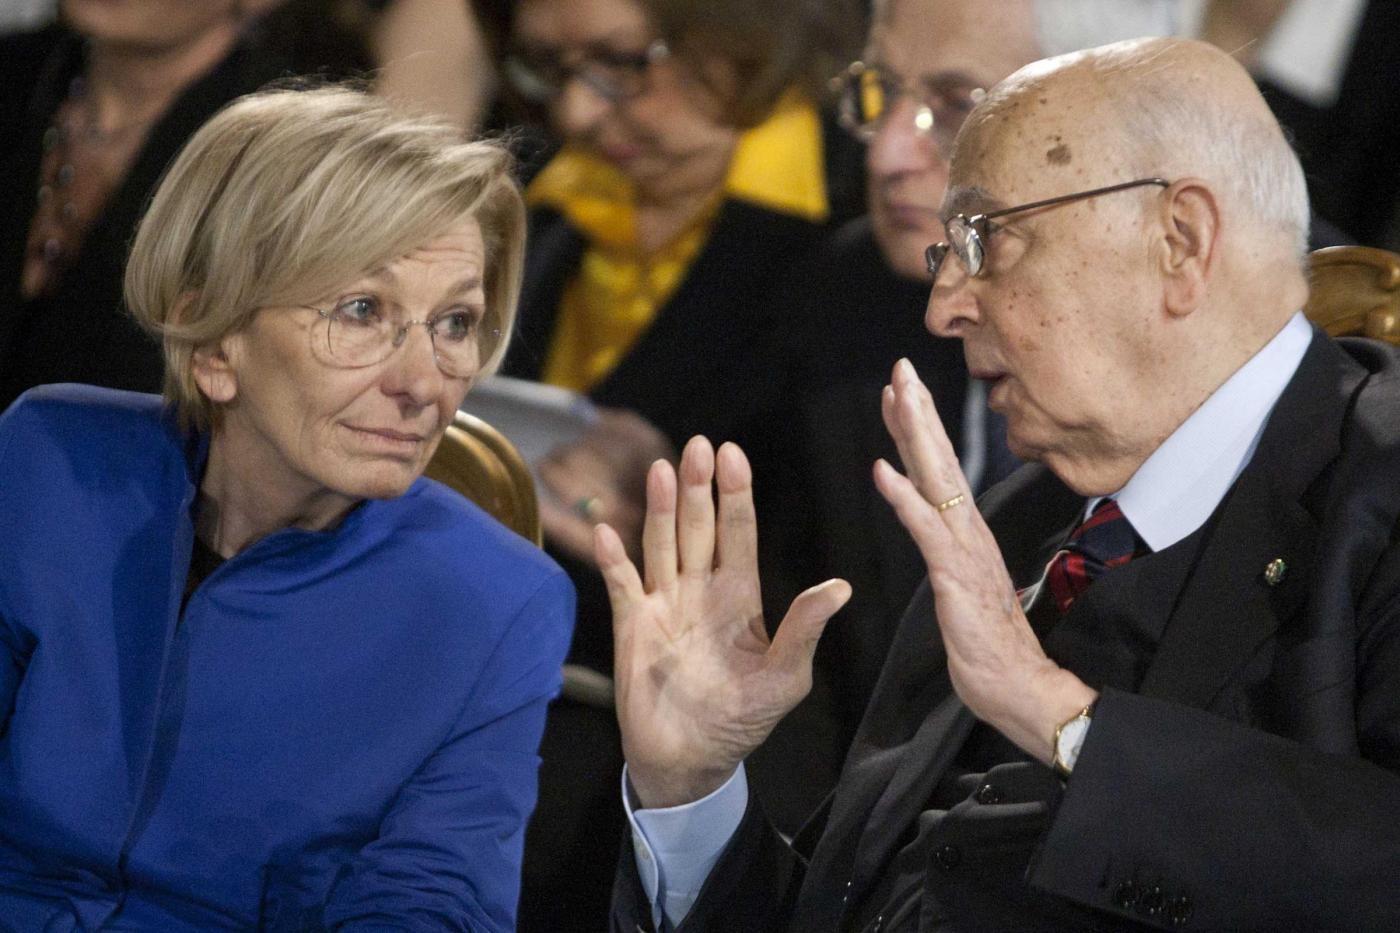 Il ministro Bonino con il presidente Napolitano